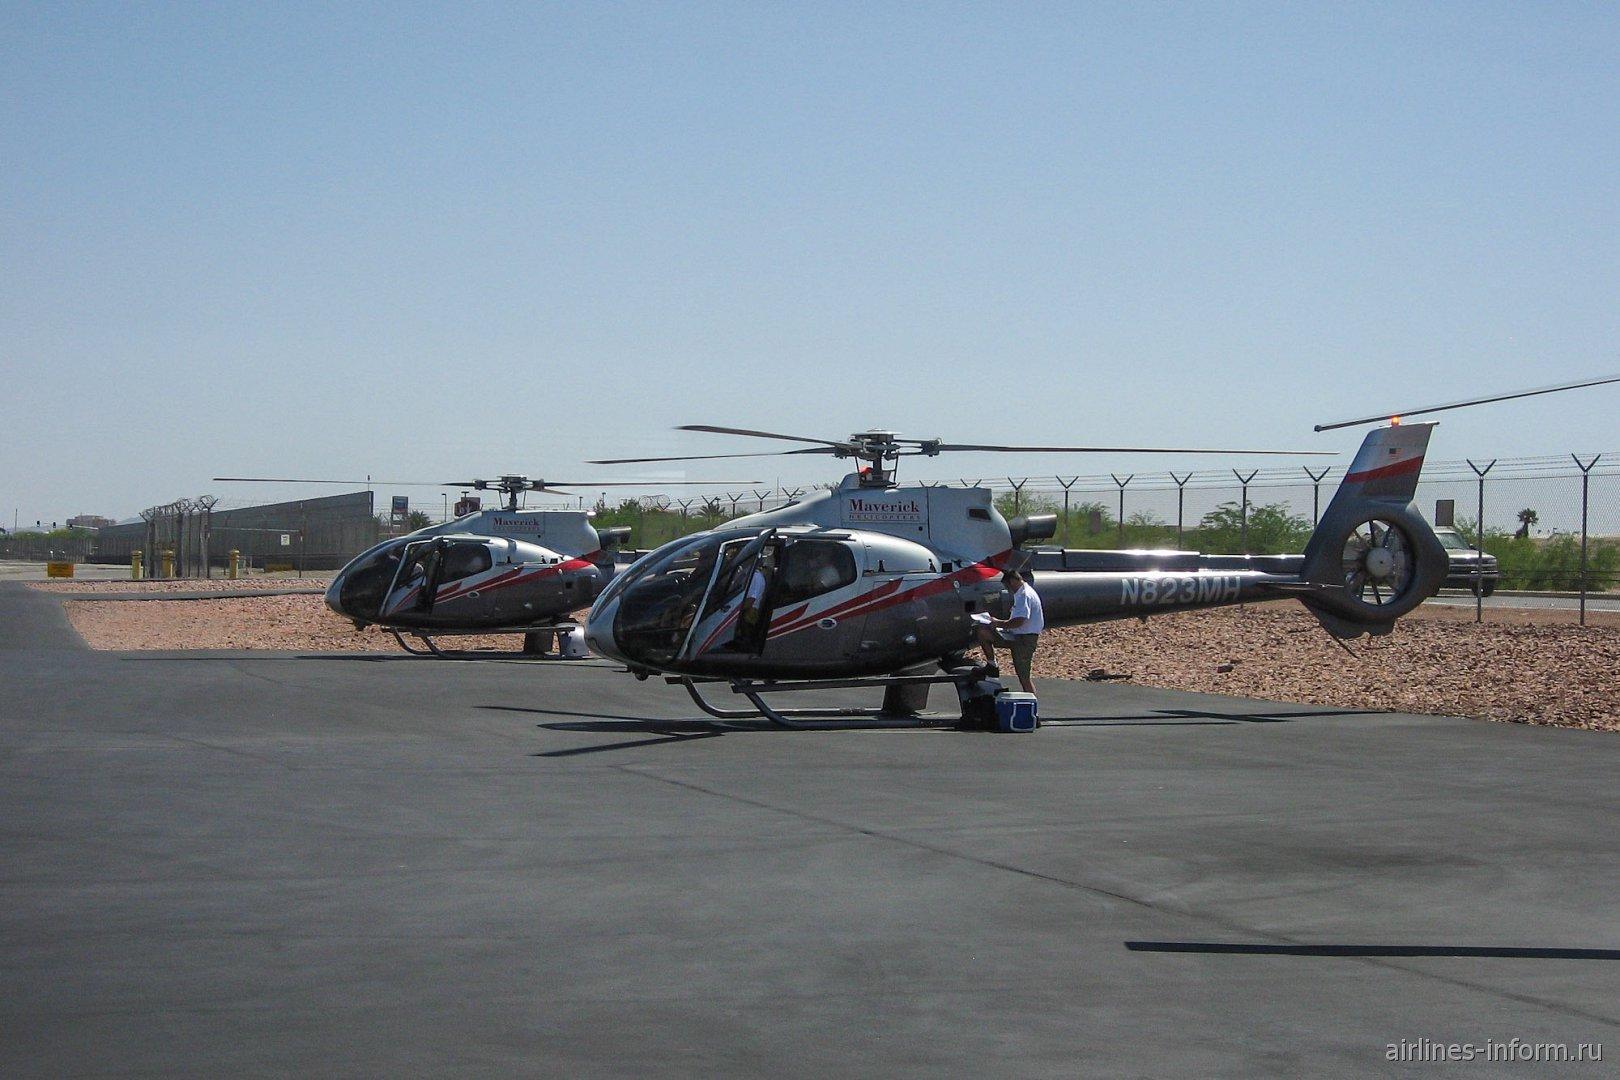 Вертолеты Eurocopter EC.130 в аэропорту Лас-Вегас